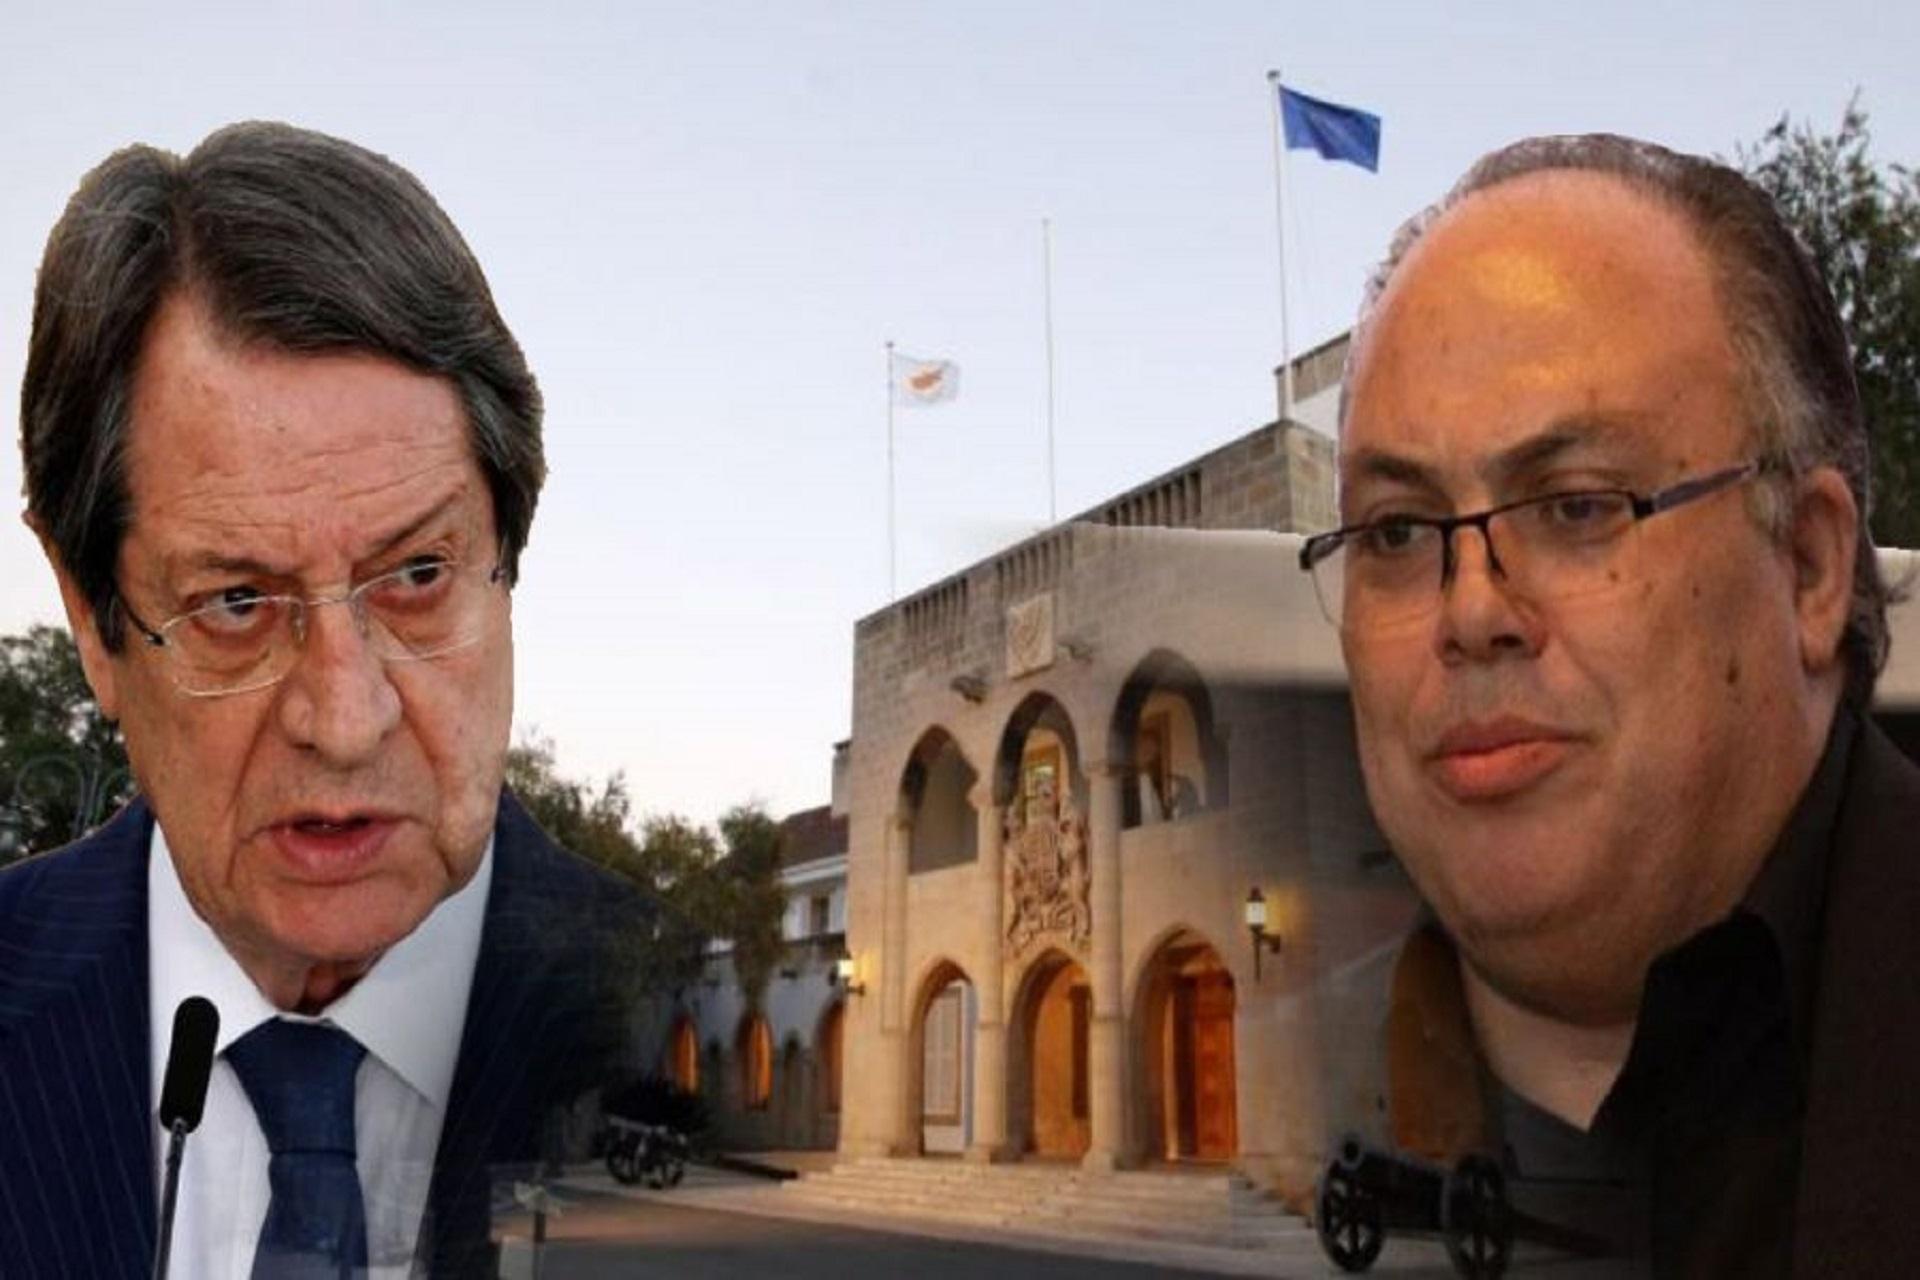 Parashos: Anastasiadis Mont Pelerin'den neden ayrıldığını açıklasın